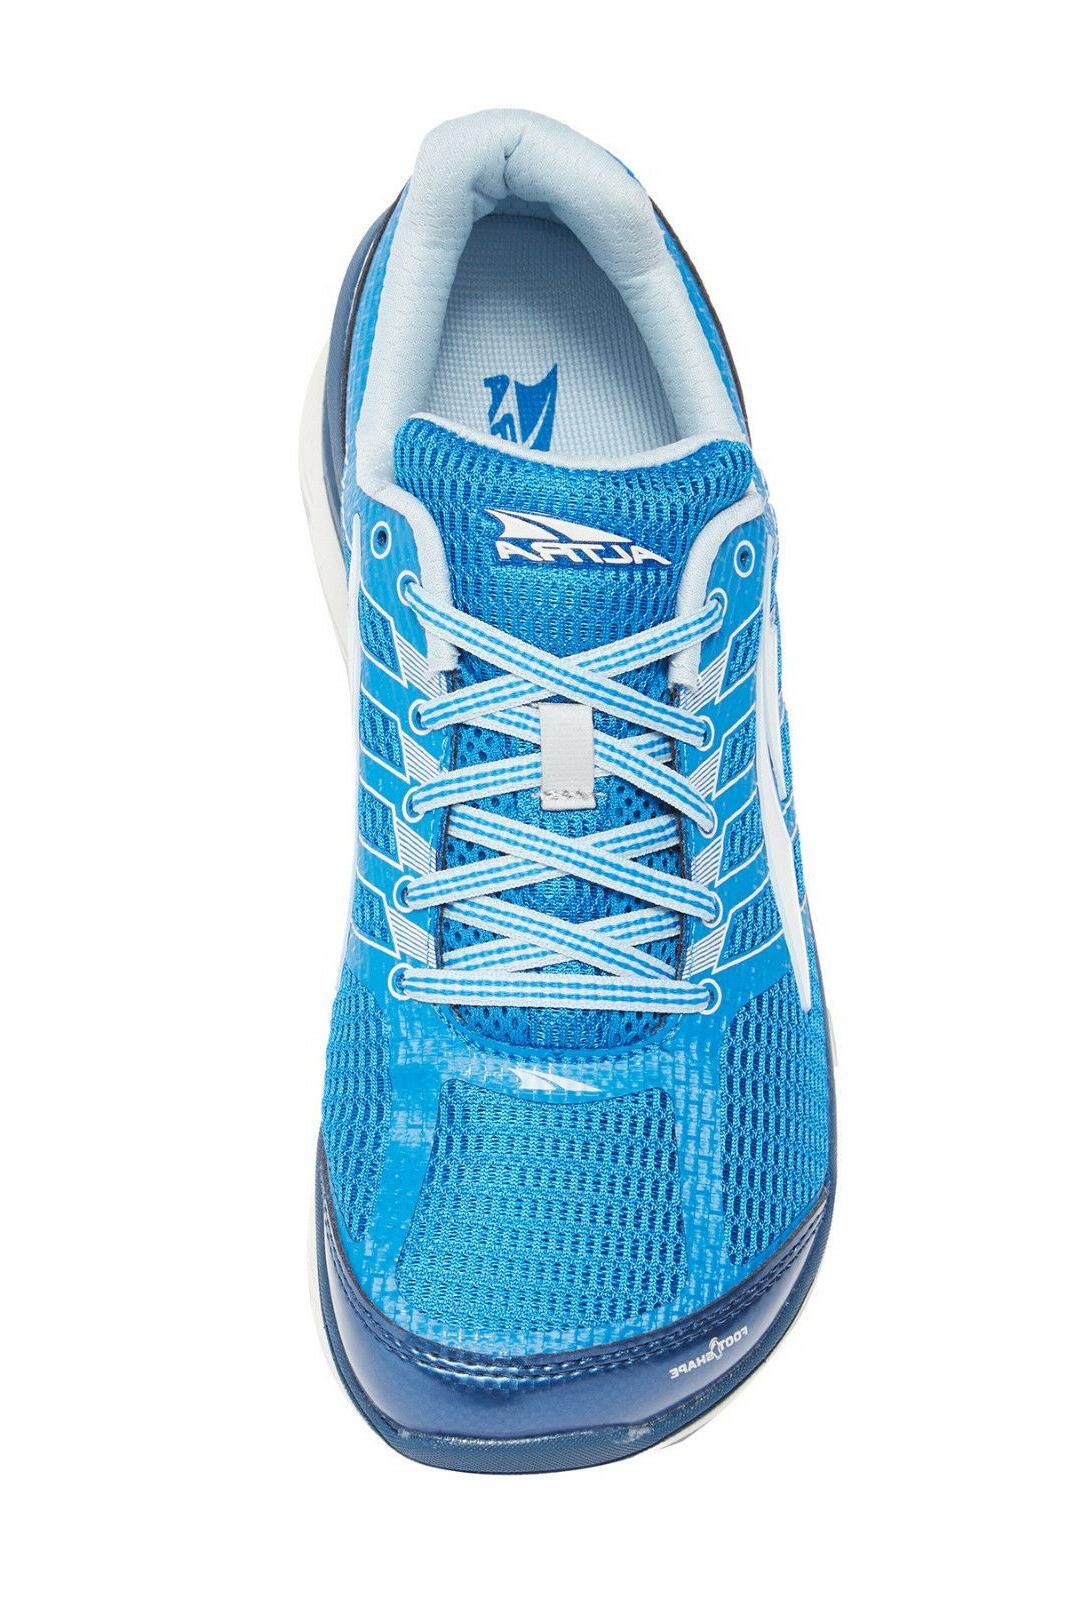 Altra Provision Shoes, Men's D, Blue,